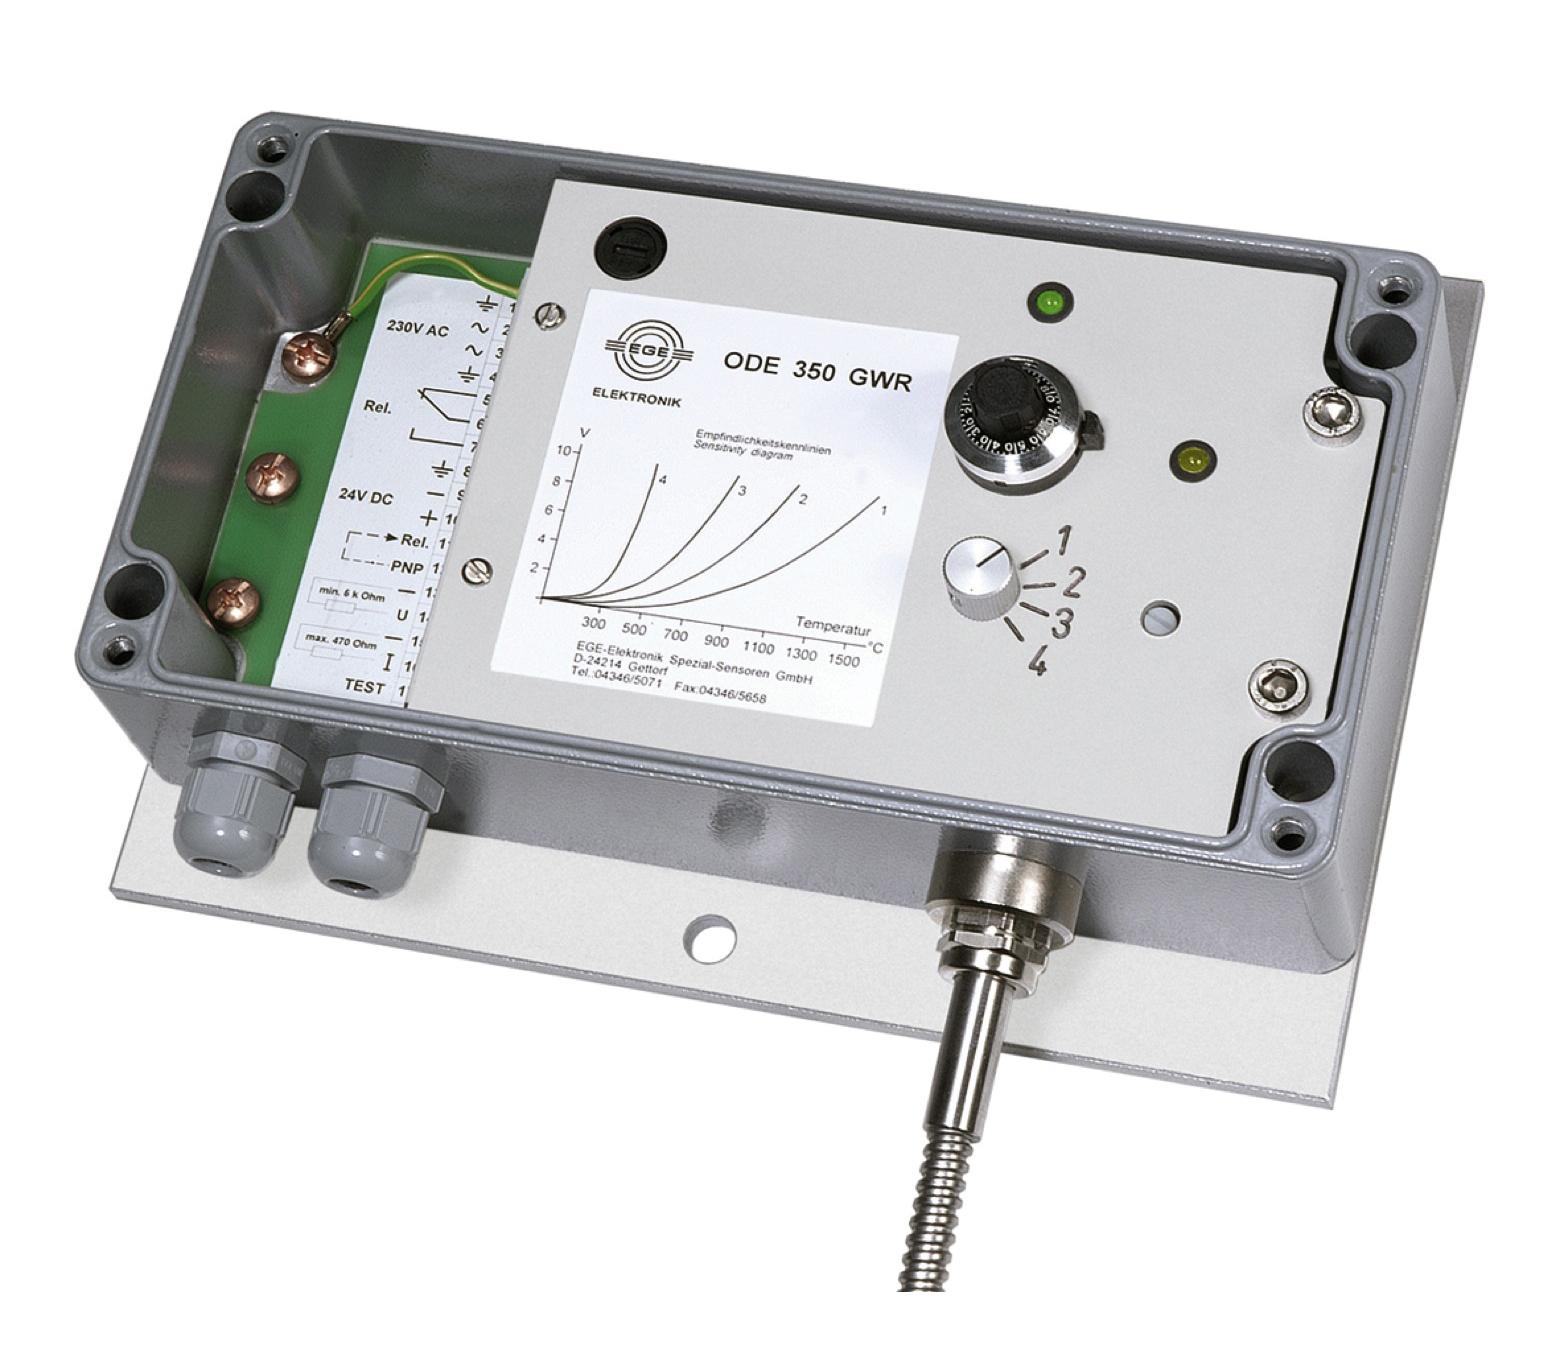 f1146_ode-350-gwr Infrarot Sensor WINGOLD MESSTECHNIK